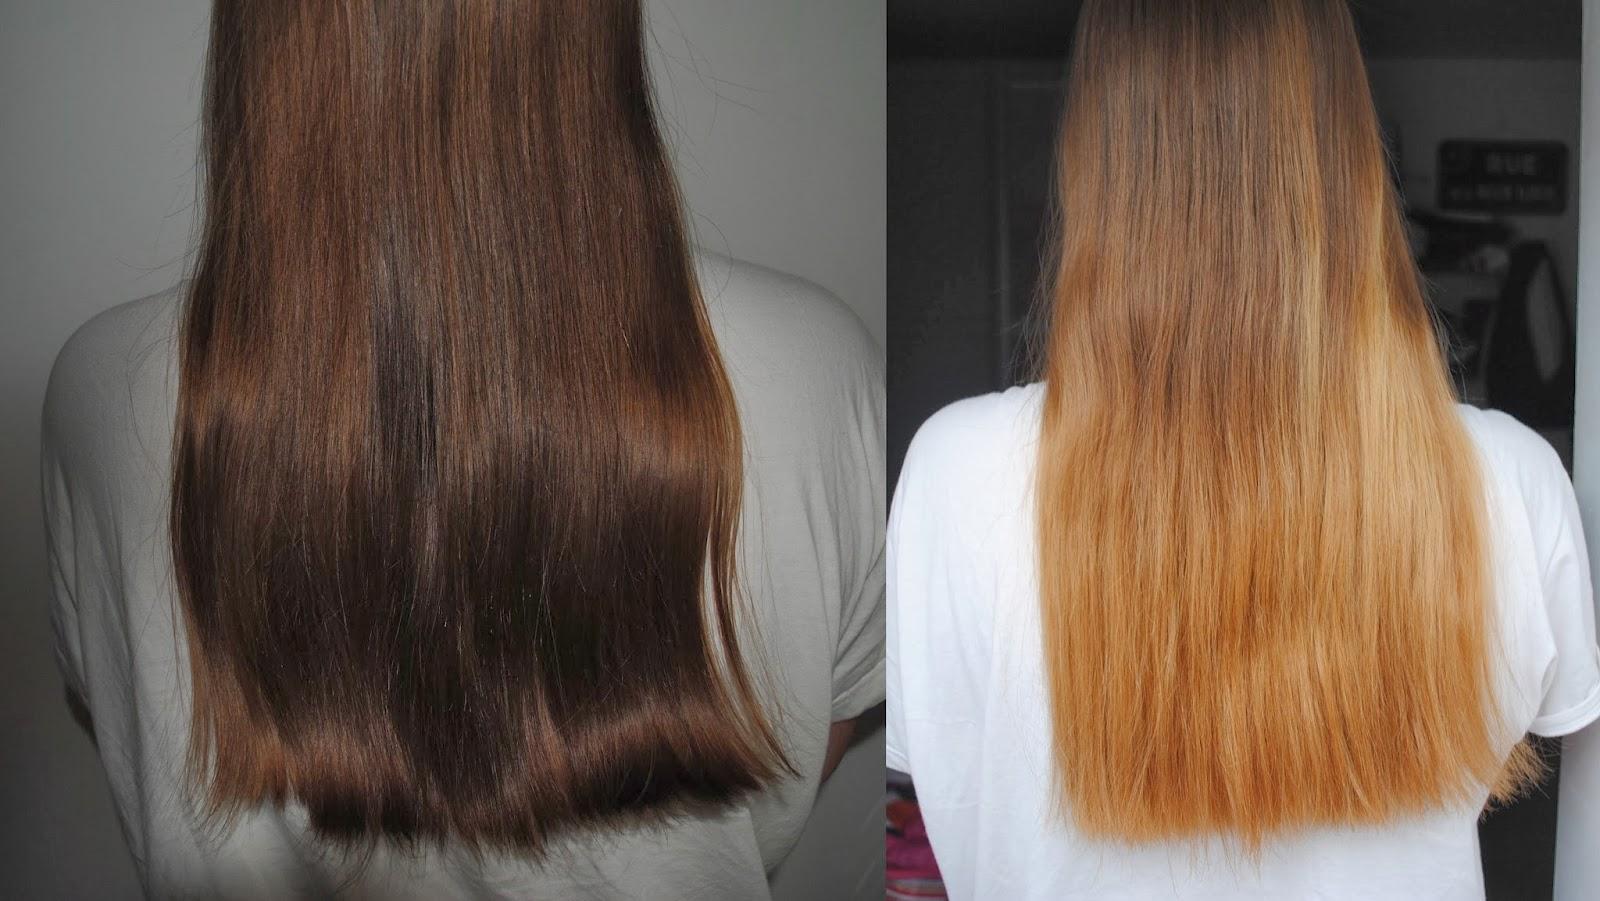 rsultat final - Gele Claircissante Garnier Sur Cheveux Colors